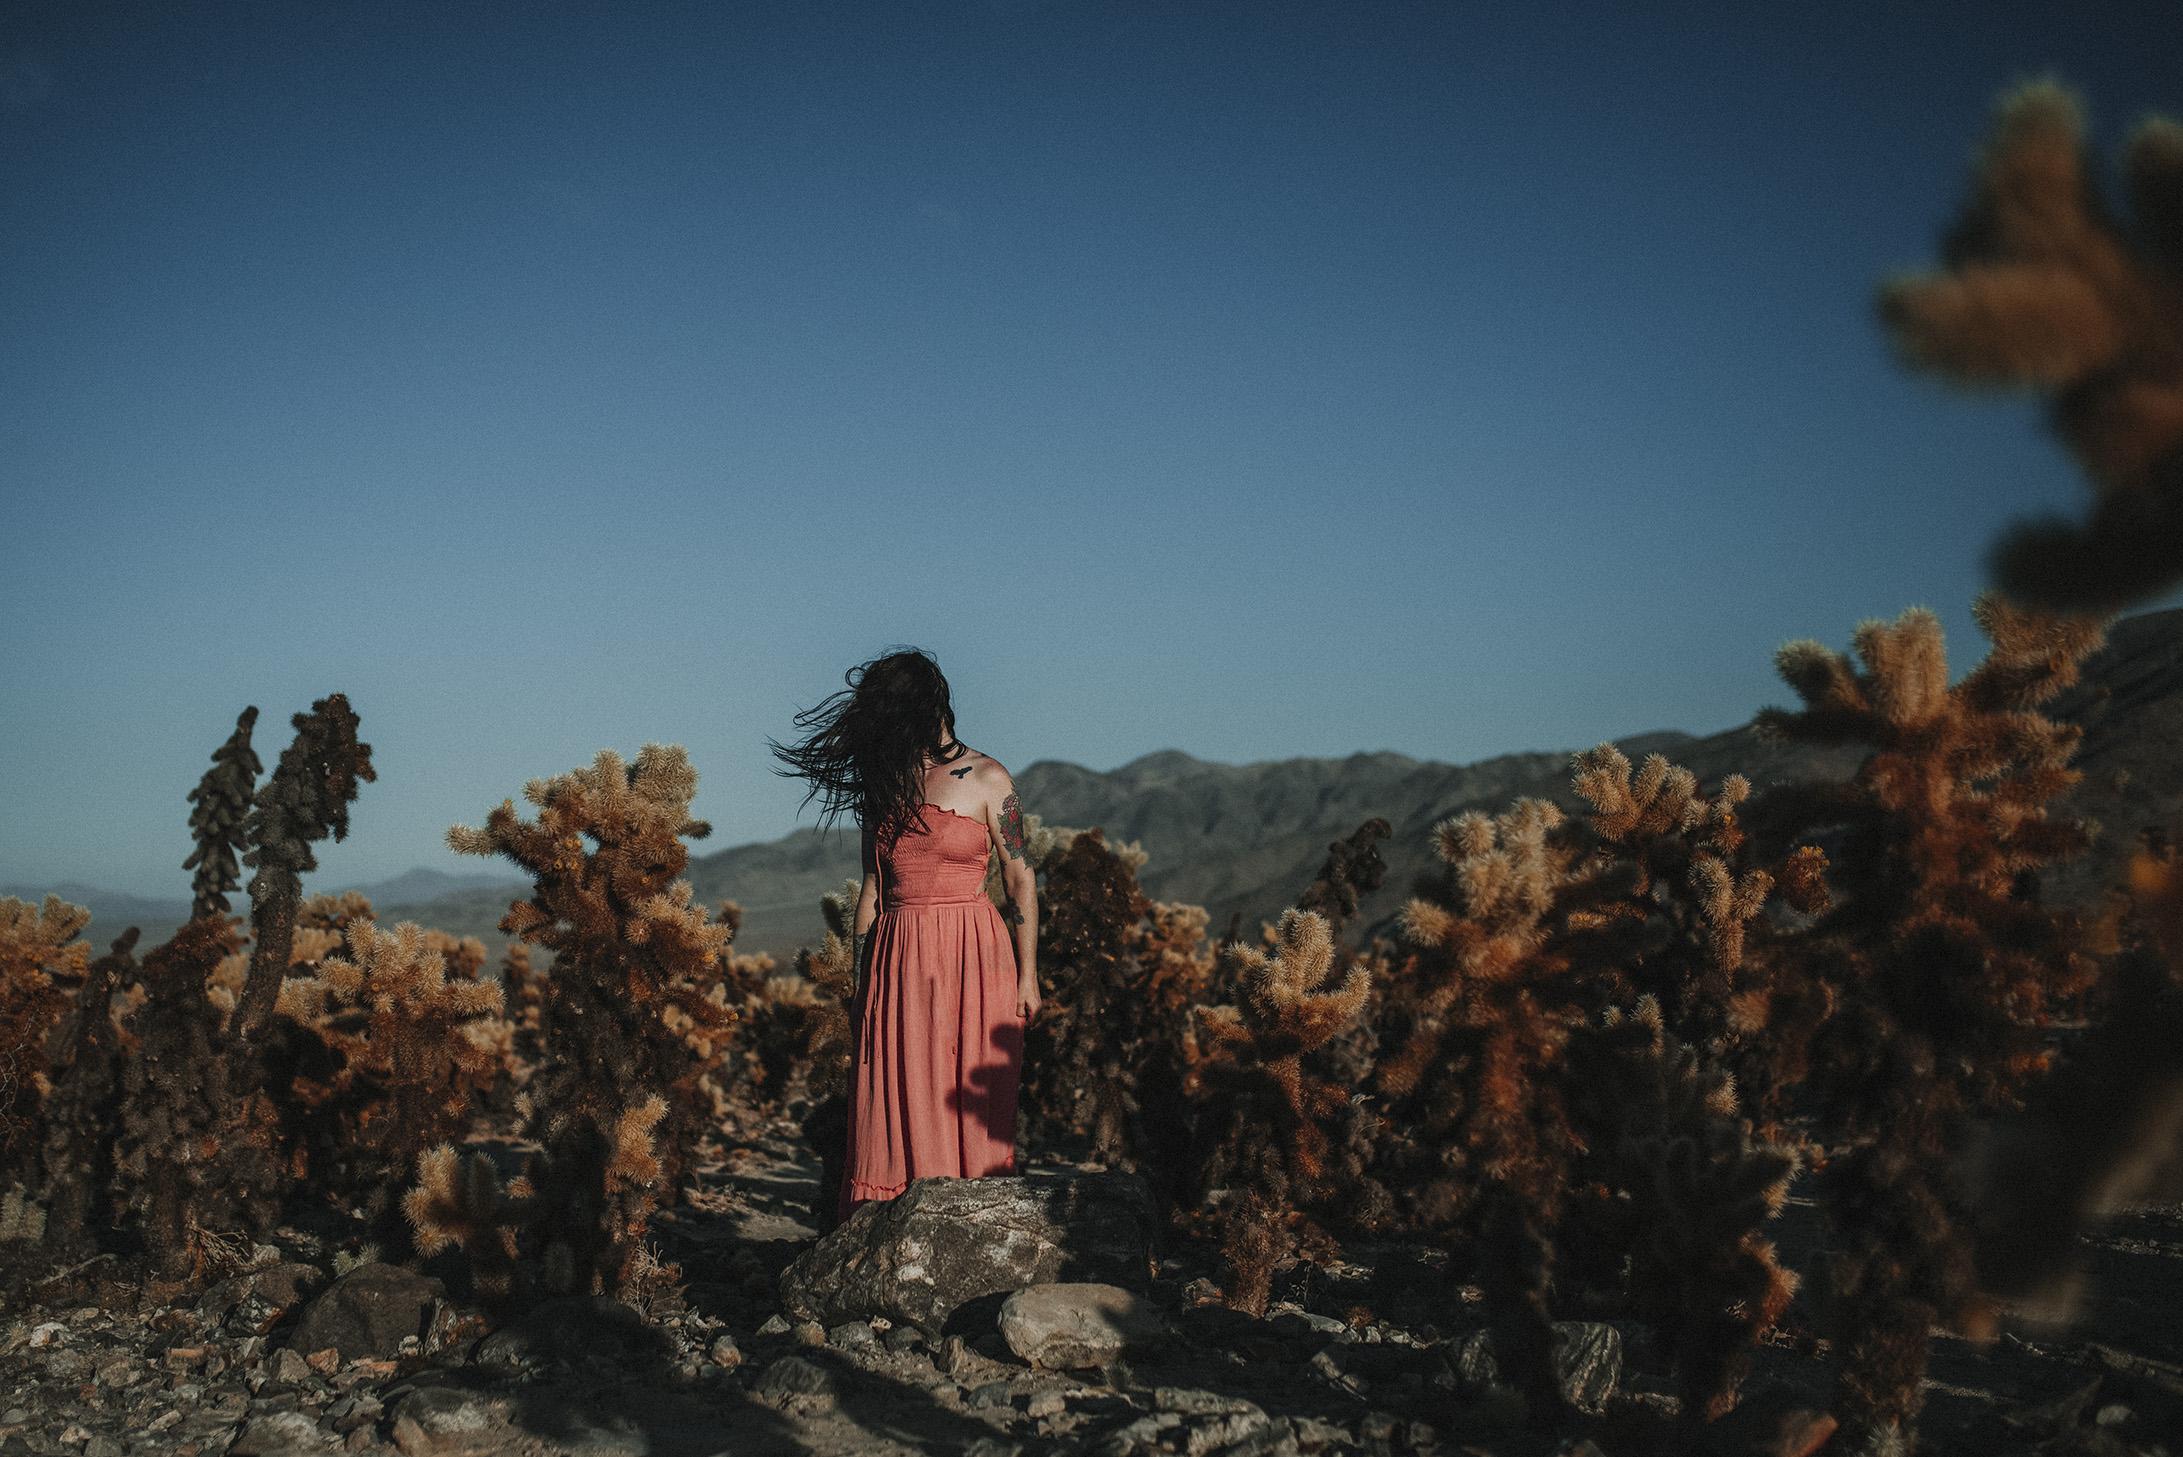 Joshua tree California photo shoot